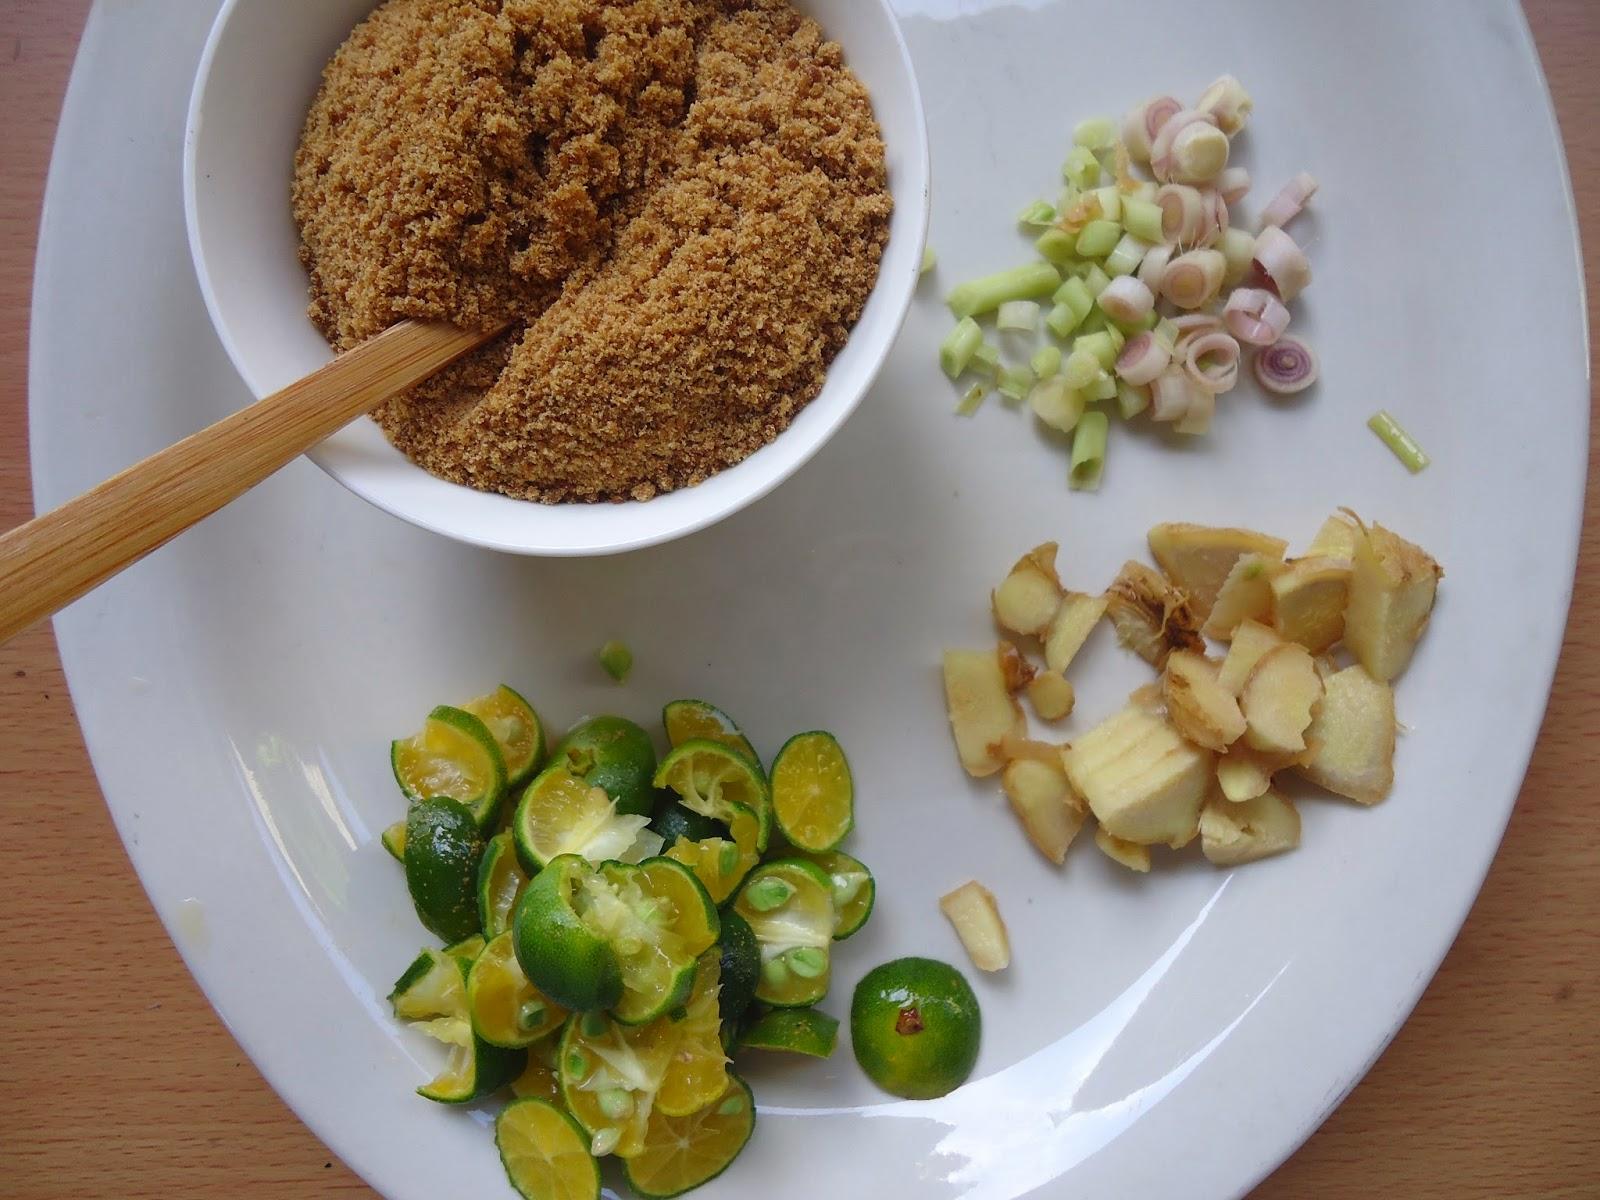 lacto-fermented herbal sweetener ingredients